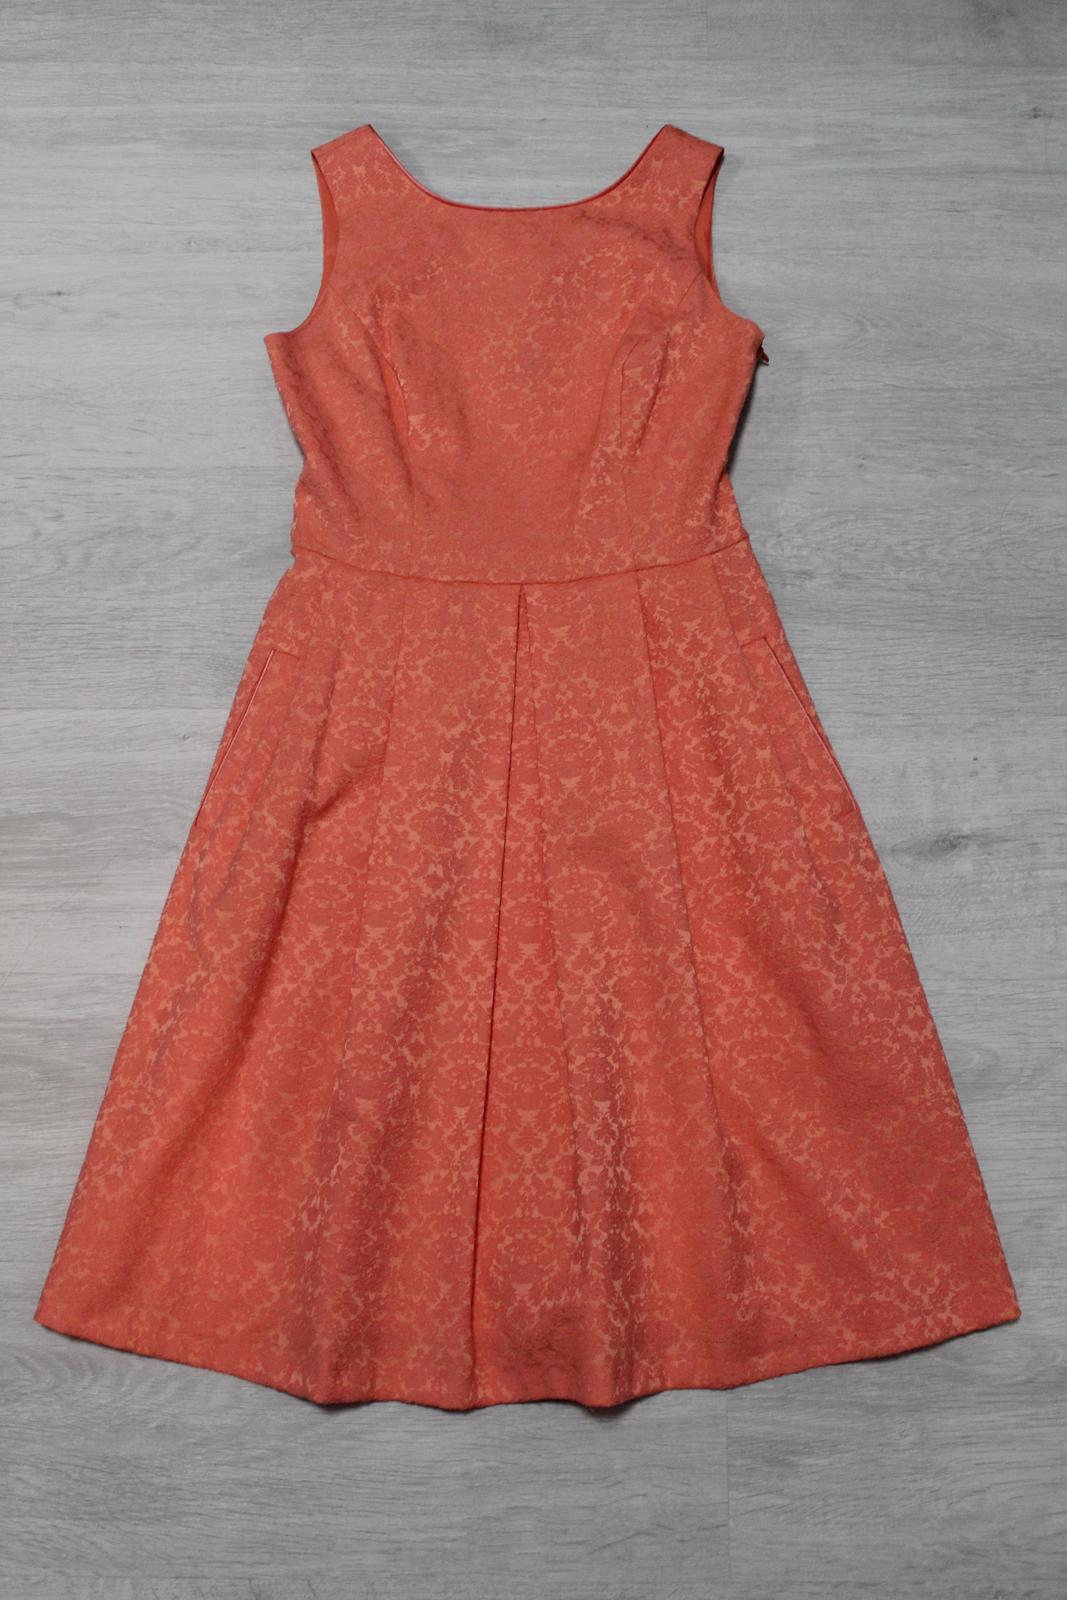 Lososové šaty - Obrázok č. 2